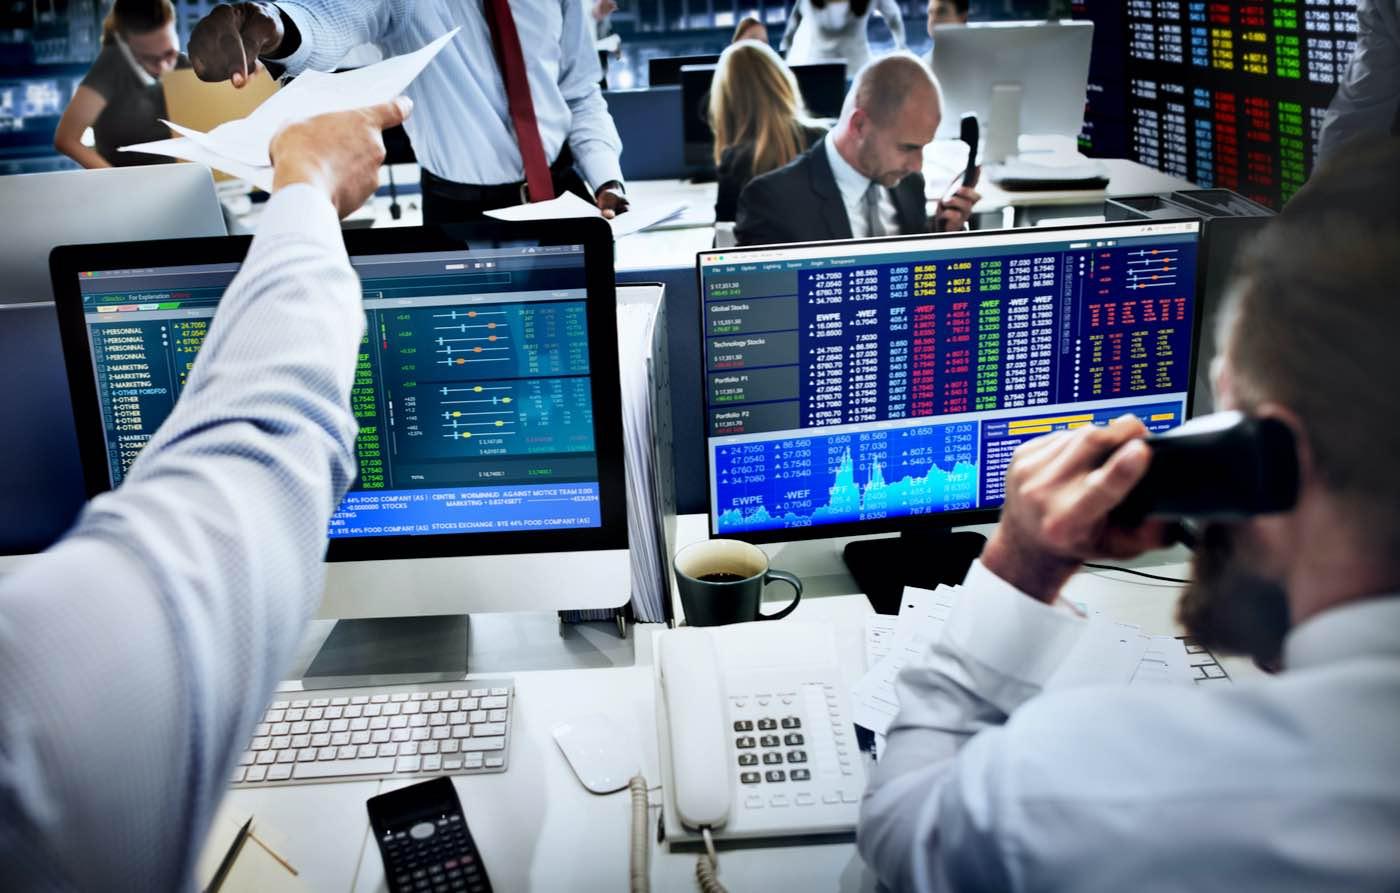 12 consejos para tus finanzas personales por inversionistas de Wall Street